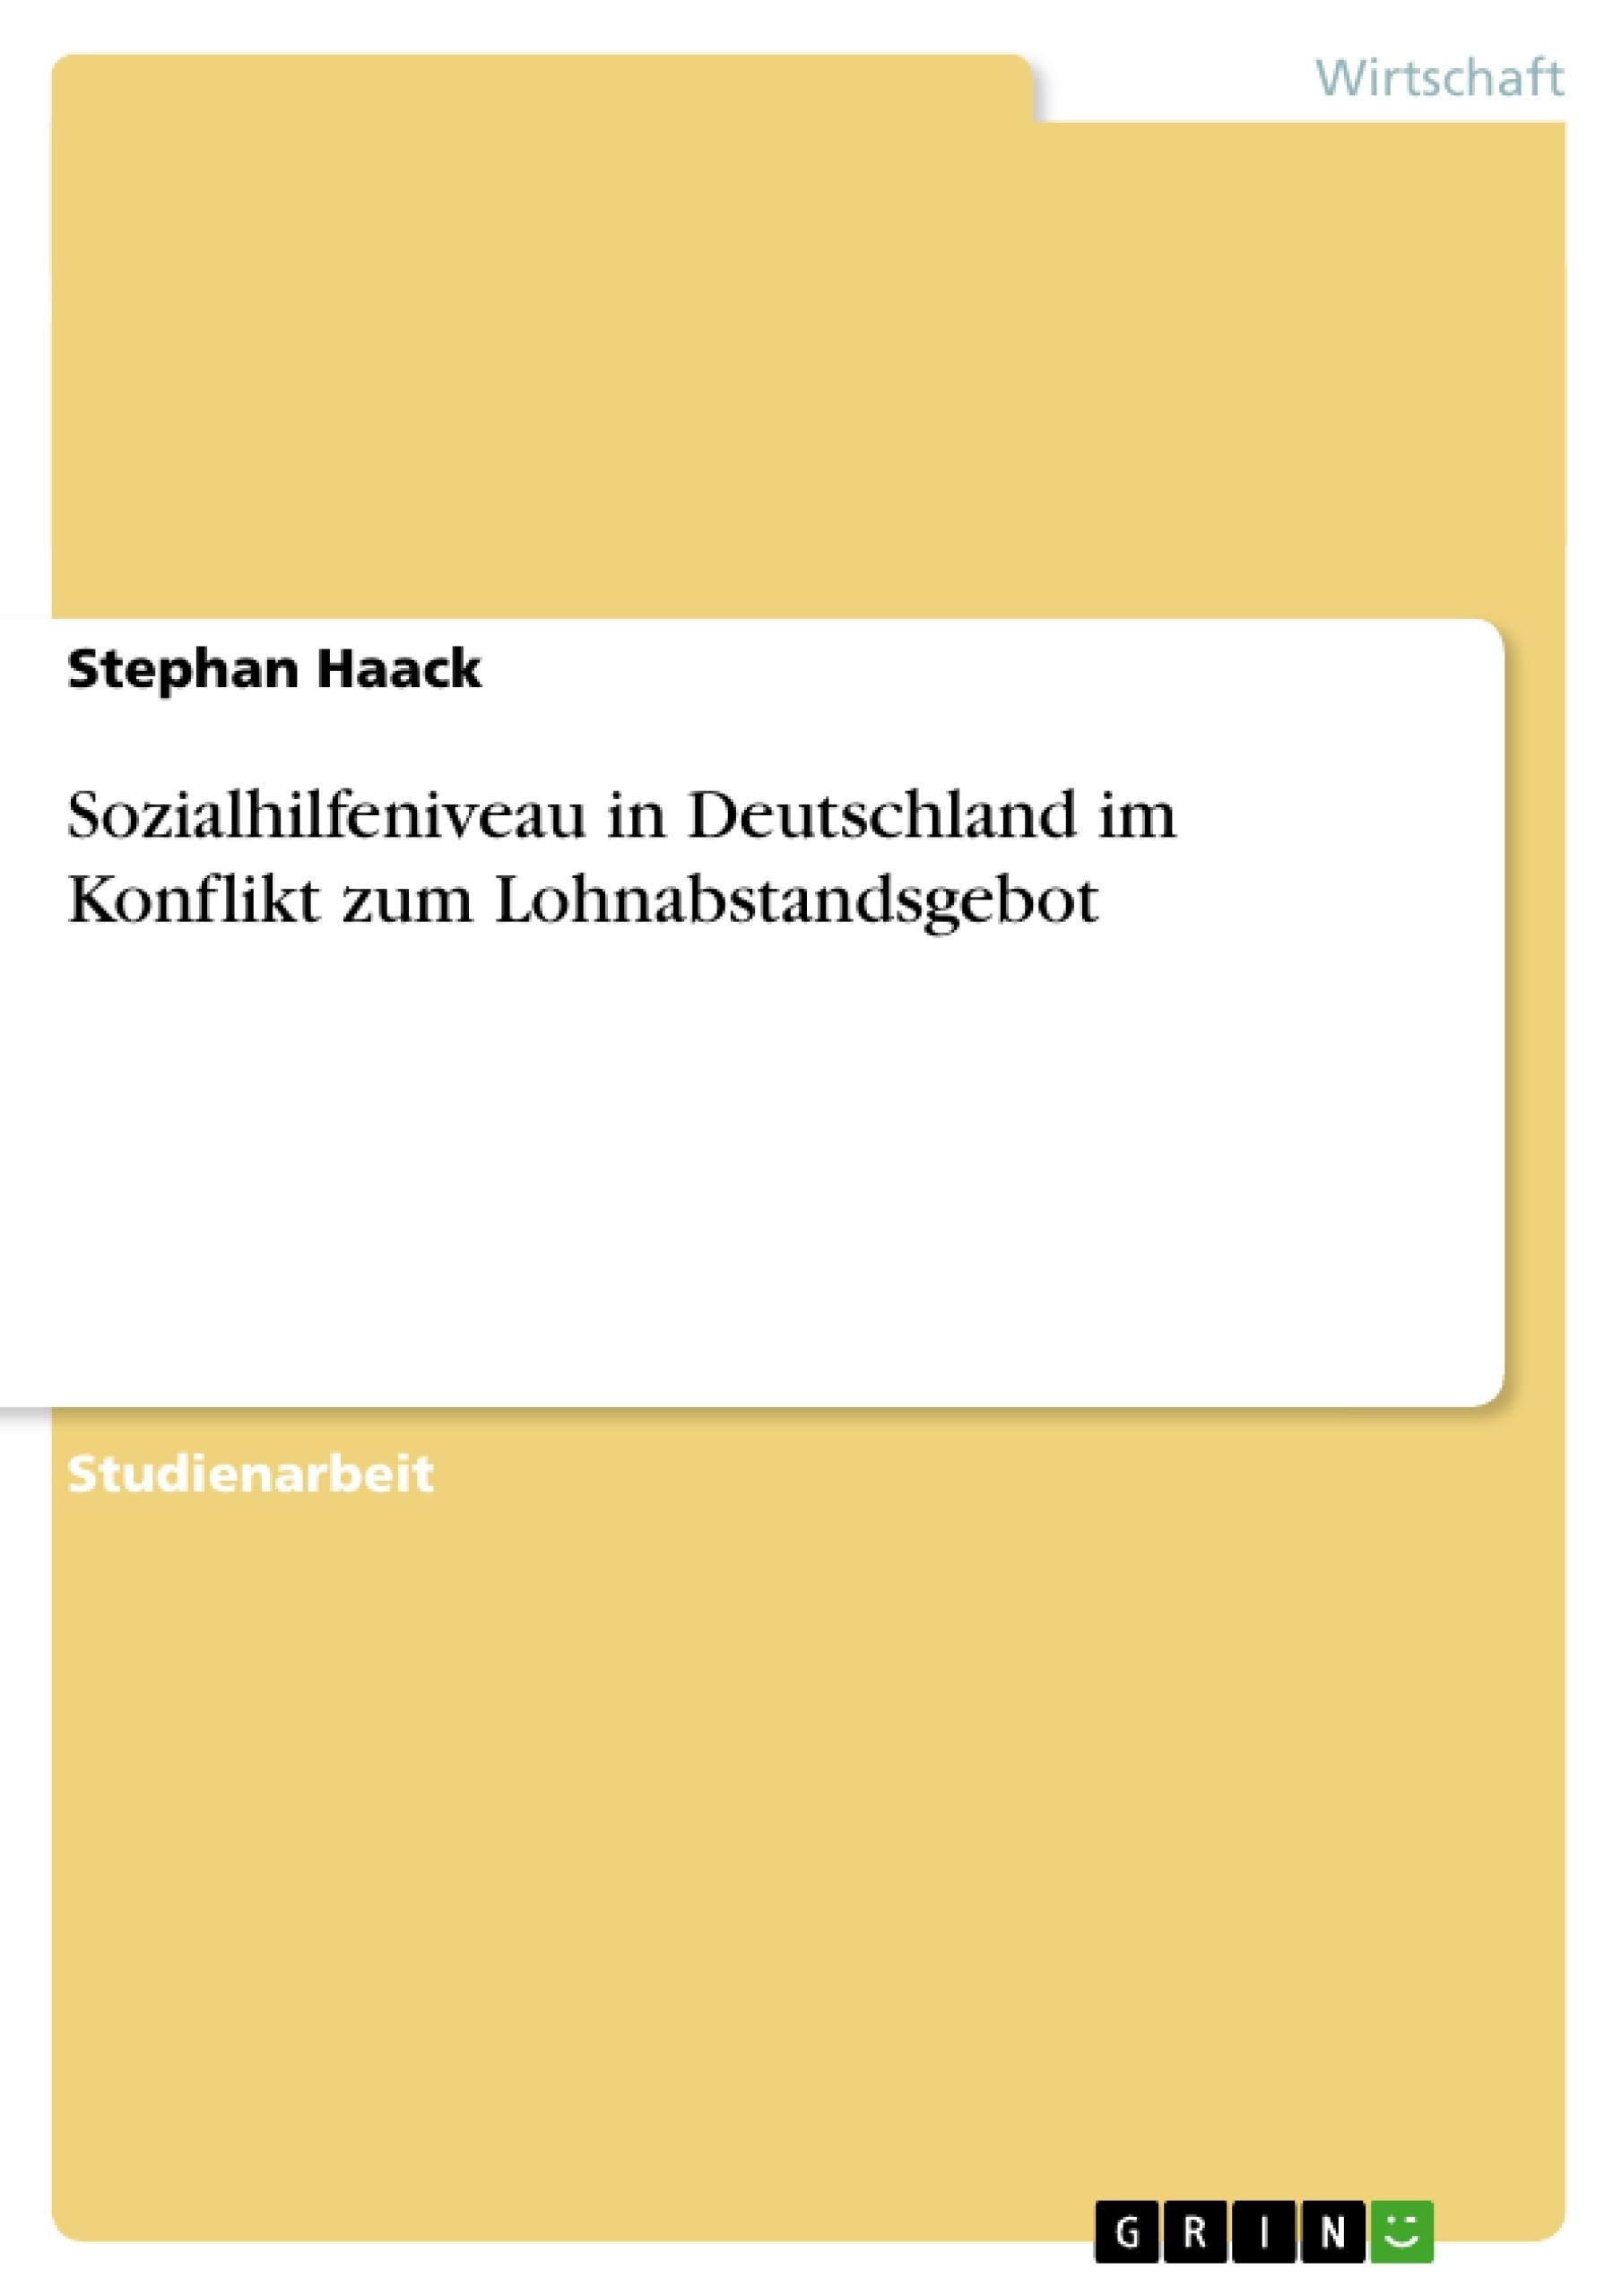 Titel: Sozialhilfeniveau in Deutschland im Konflikt zum Lohnabstandsgebot